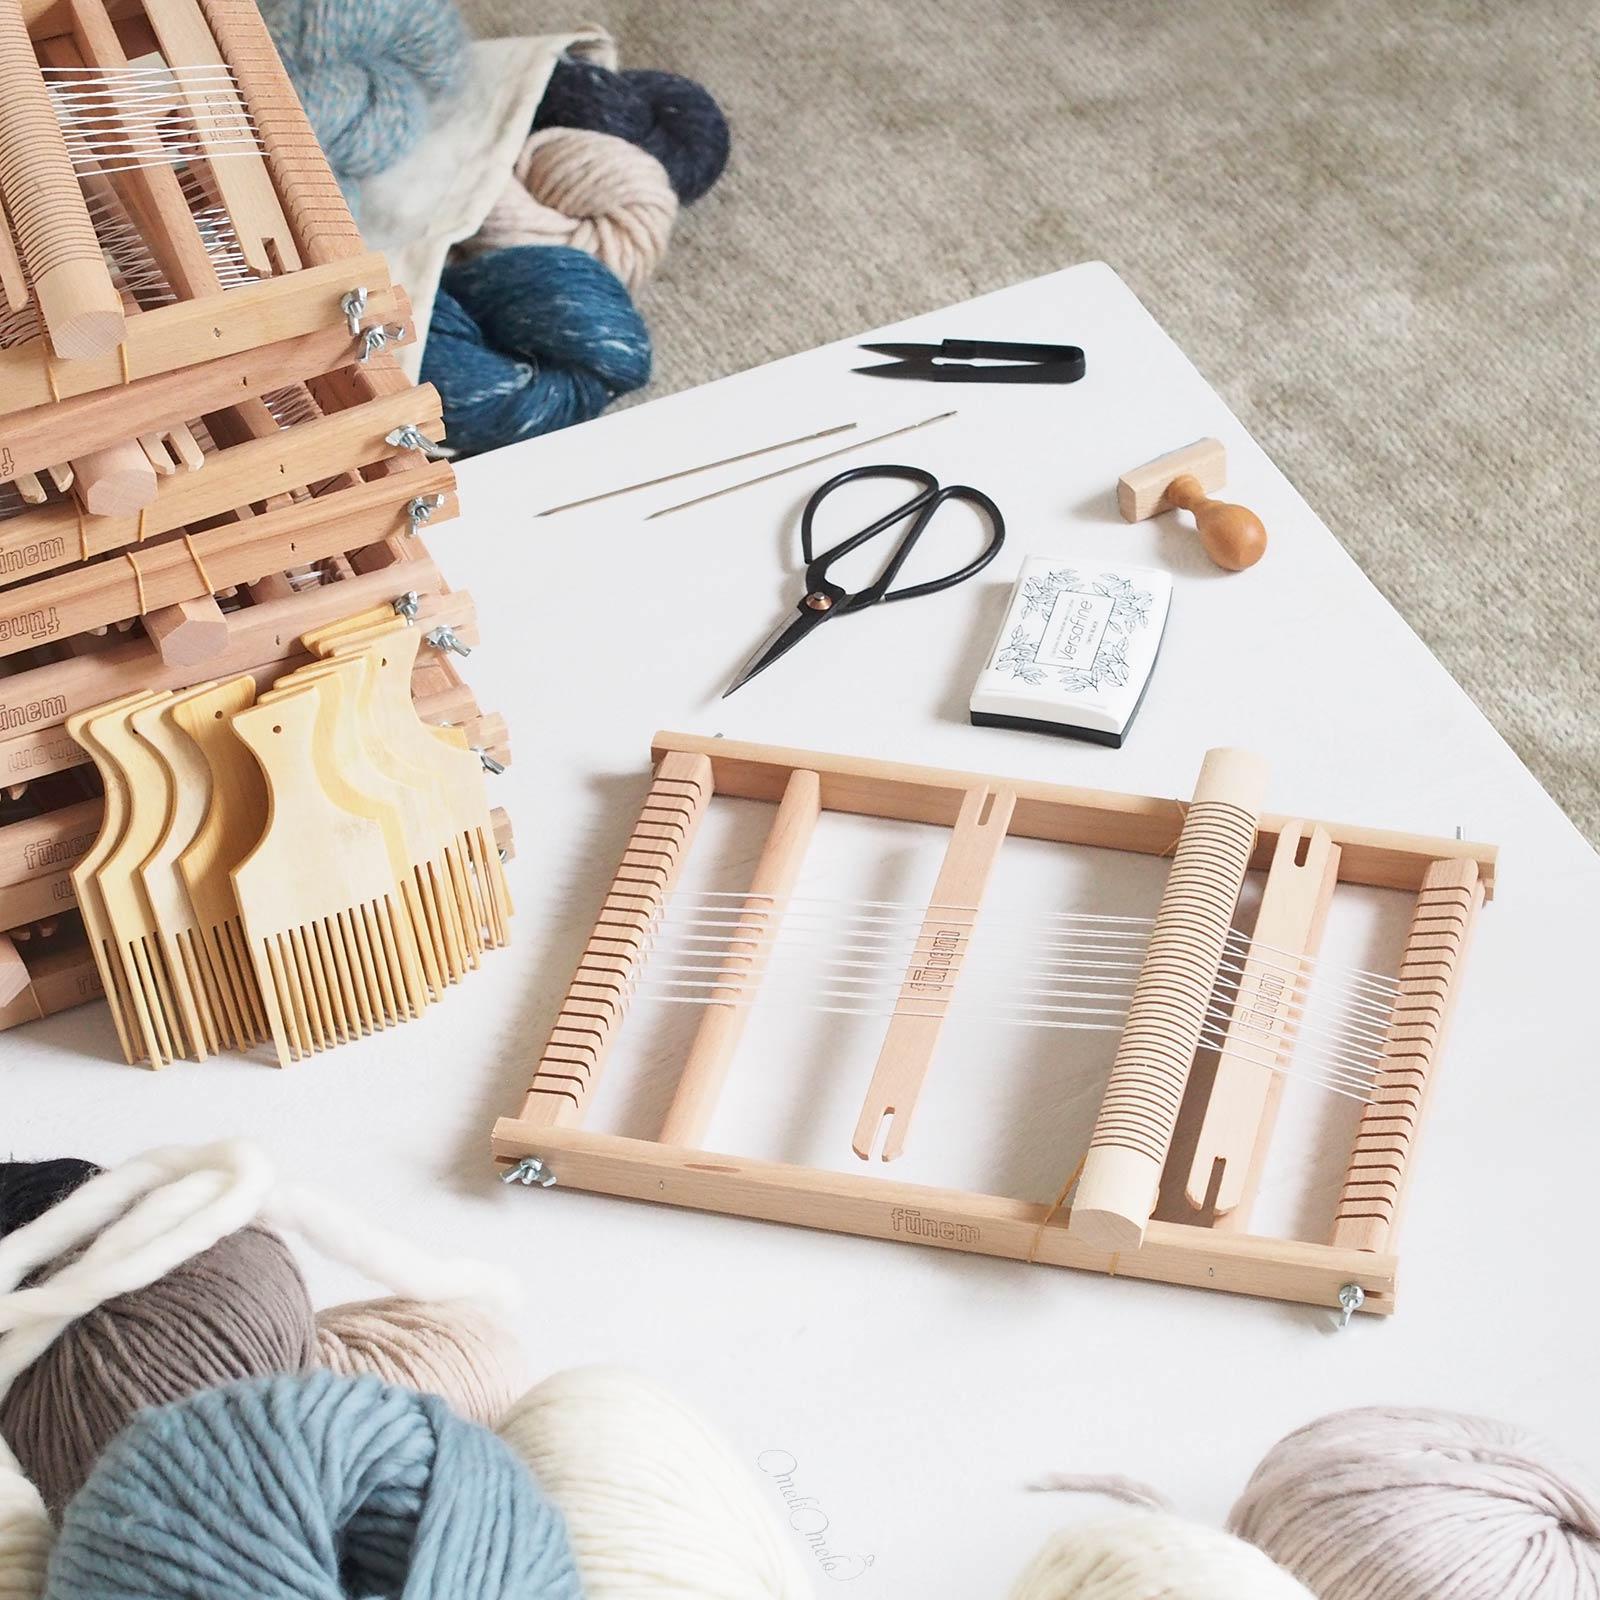 préparation ateliers tissage laboutiquedemelimelo